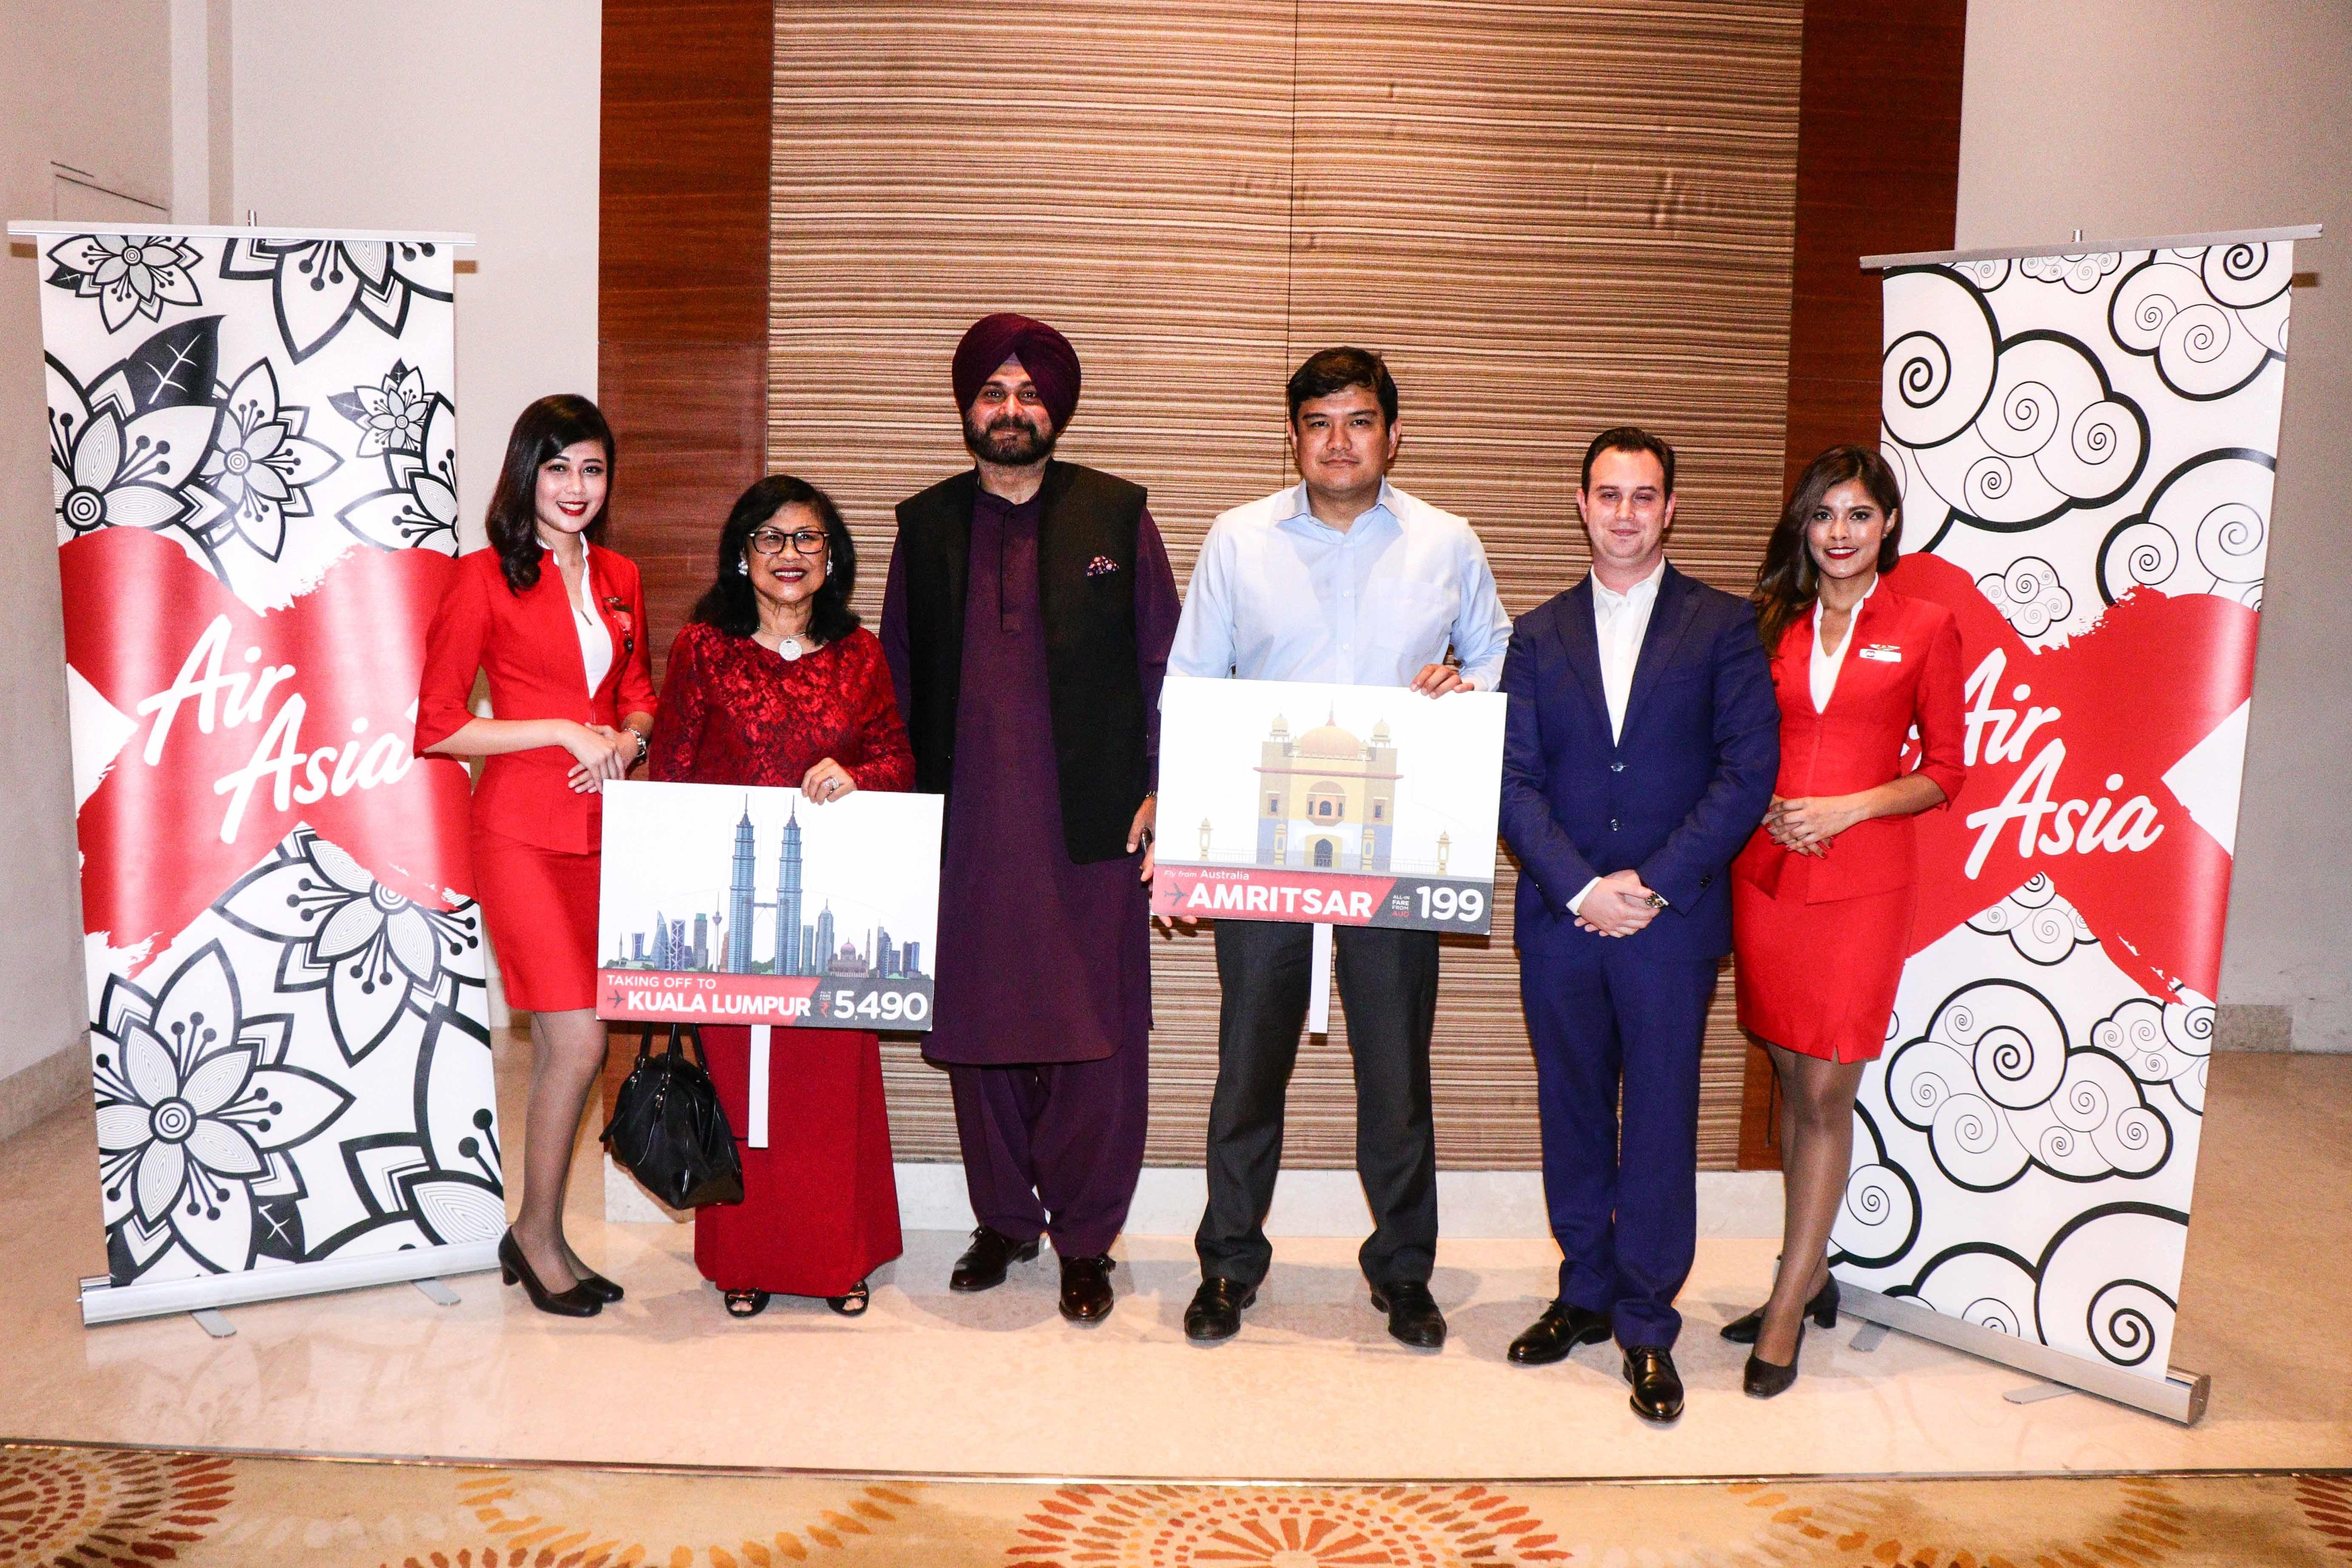 AirAsia - Amritsar Ceremony